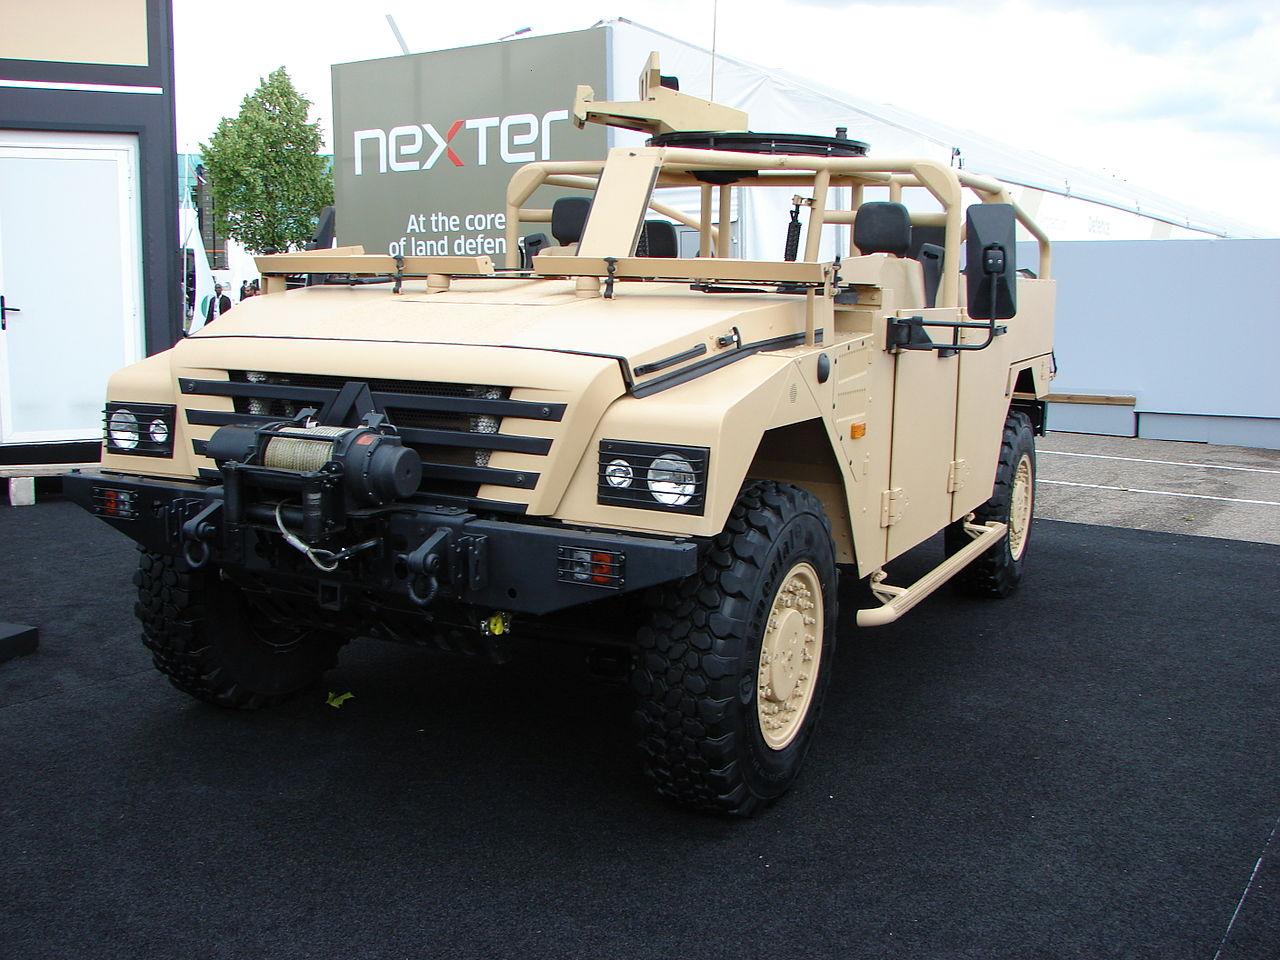 renault trucks defense renault trucks defense renault trucks defense to exhibit at milipol. Black Bedroom Furniture Sets. Home Design Ideas